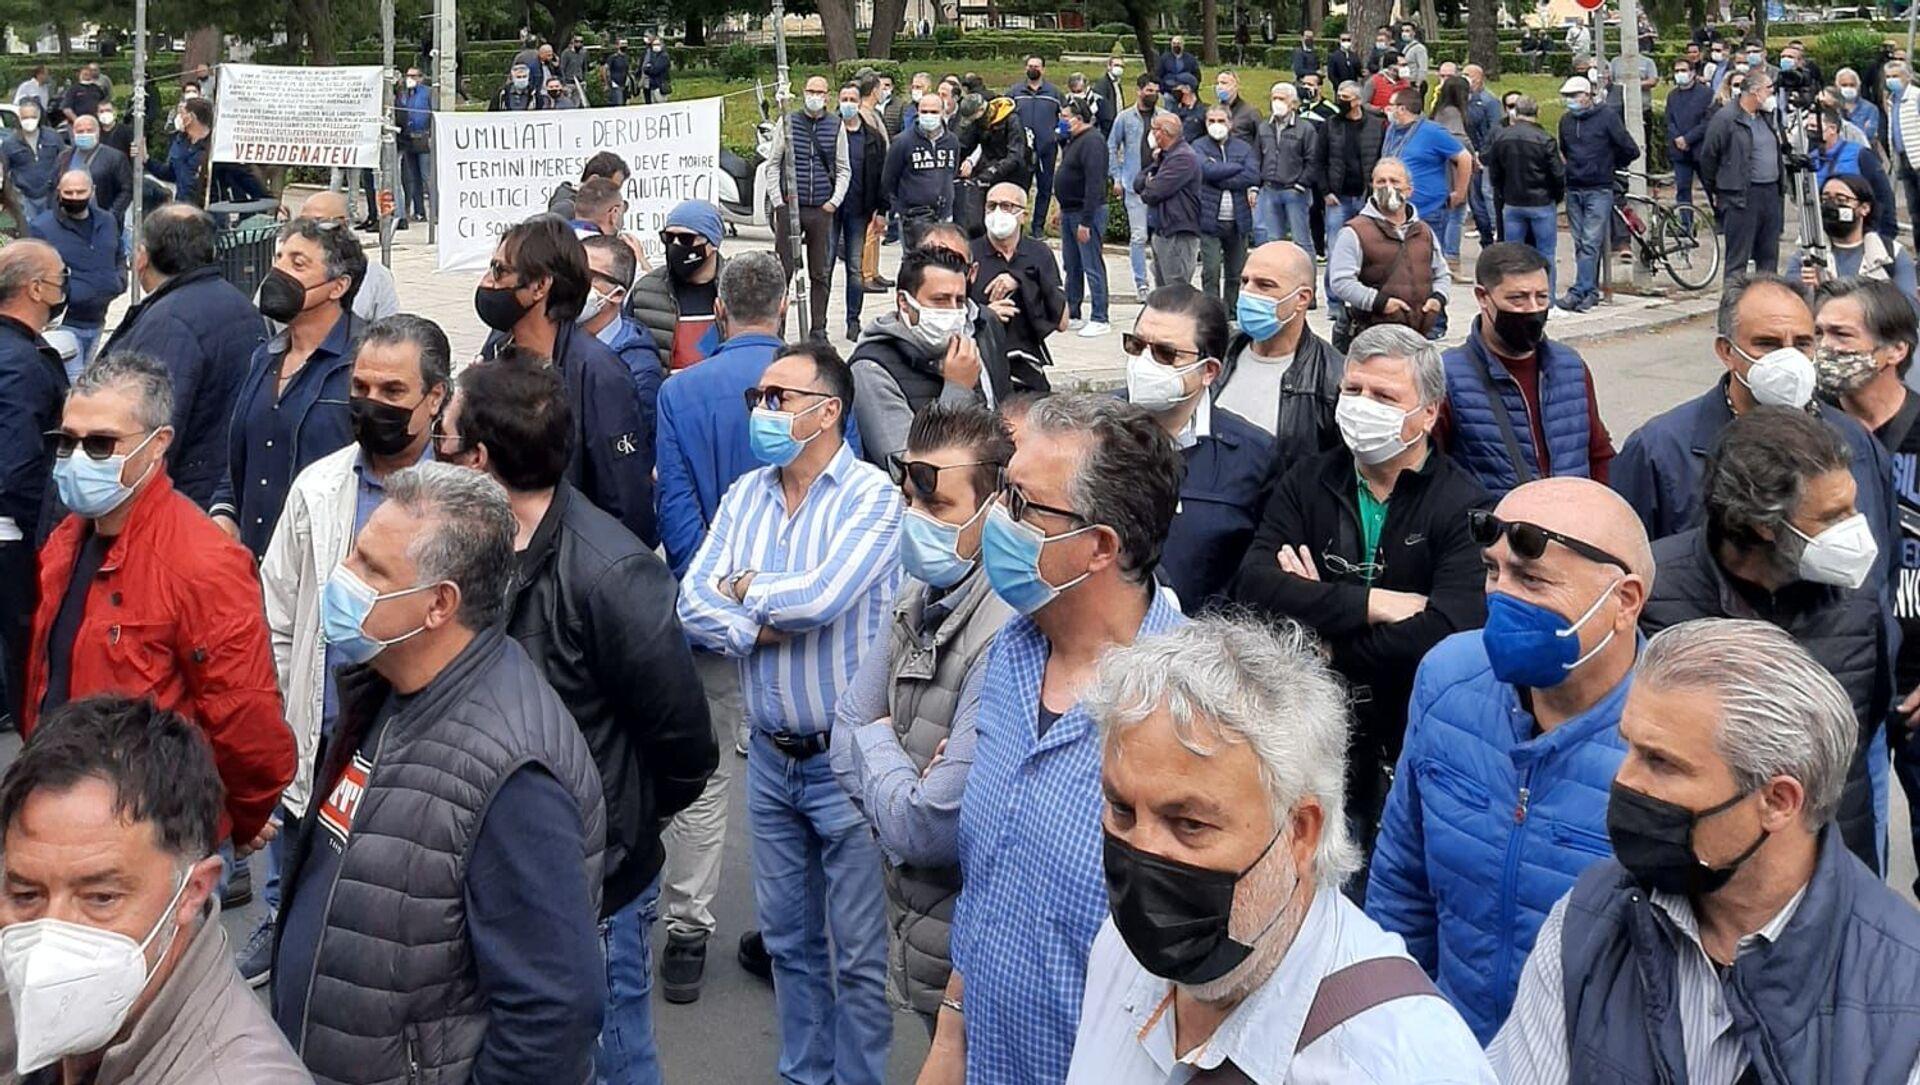 Presidio lavoratori Blutec di Termini Imerese davanti al palazzo della Regione a Palermo - Sputnik Italia, 1920, 15.05.2021